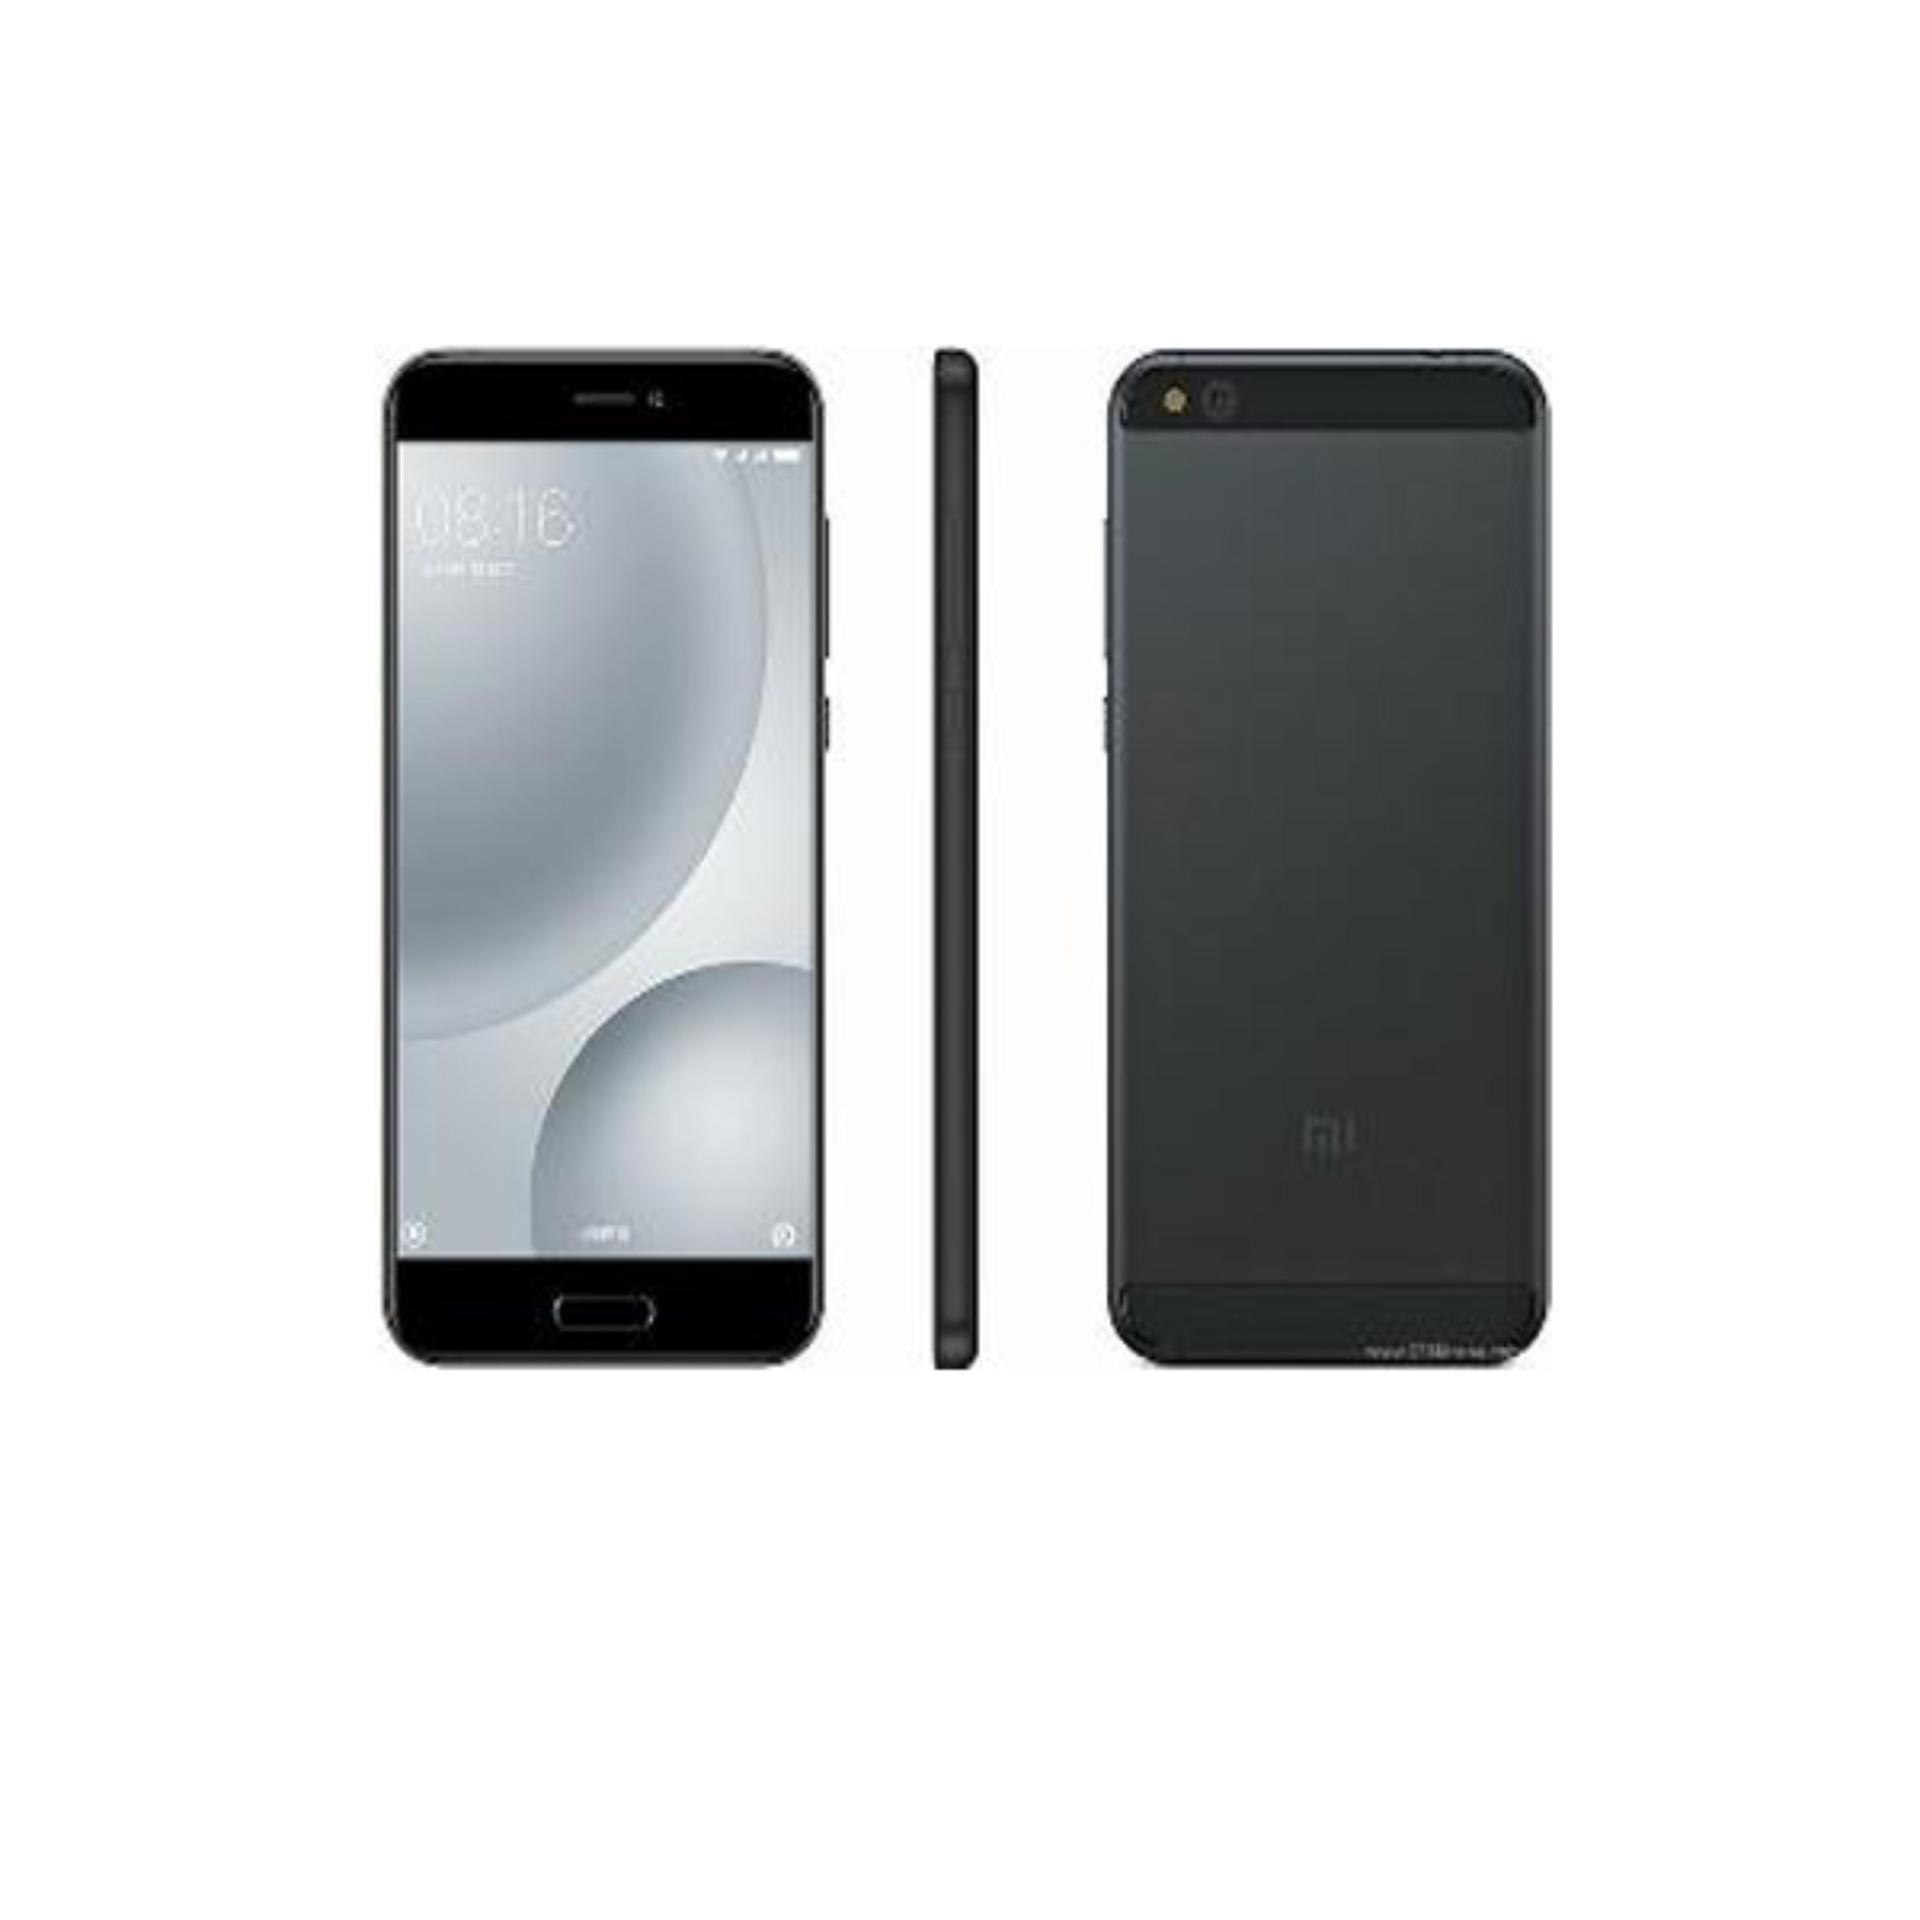 ... Xiaomi Mi 5C 3GB / 64GB Black Octa-Core Processor Garansi 1 Tahun -Hitam ...